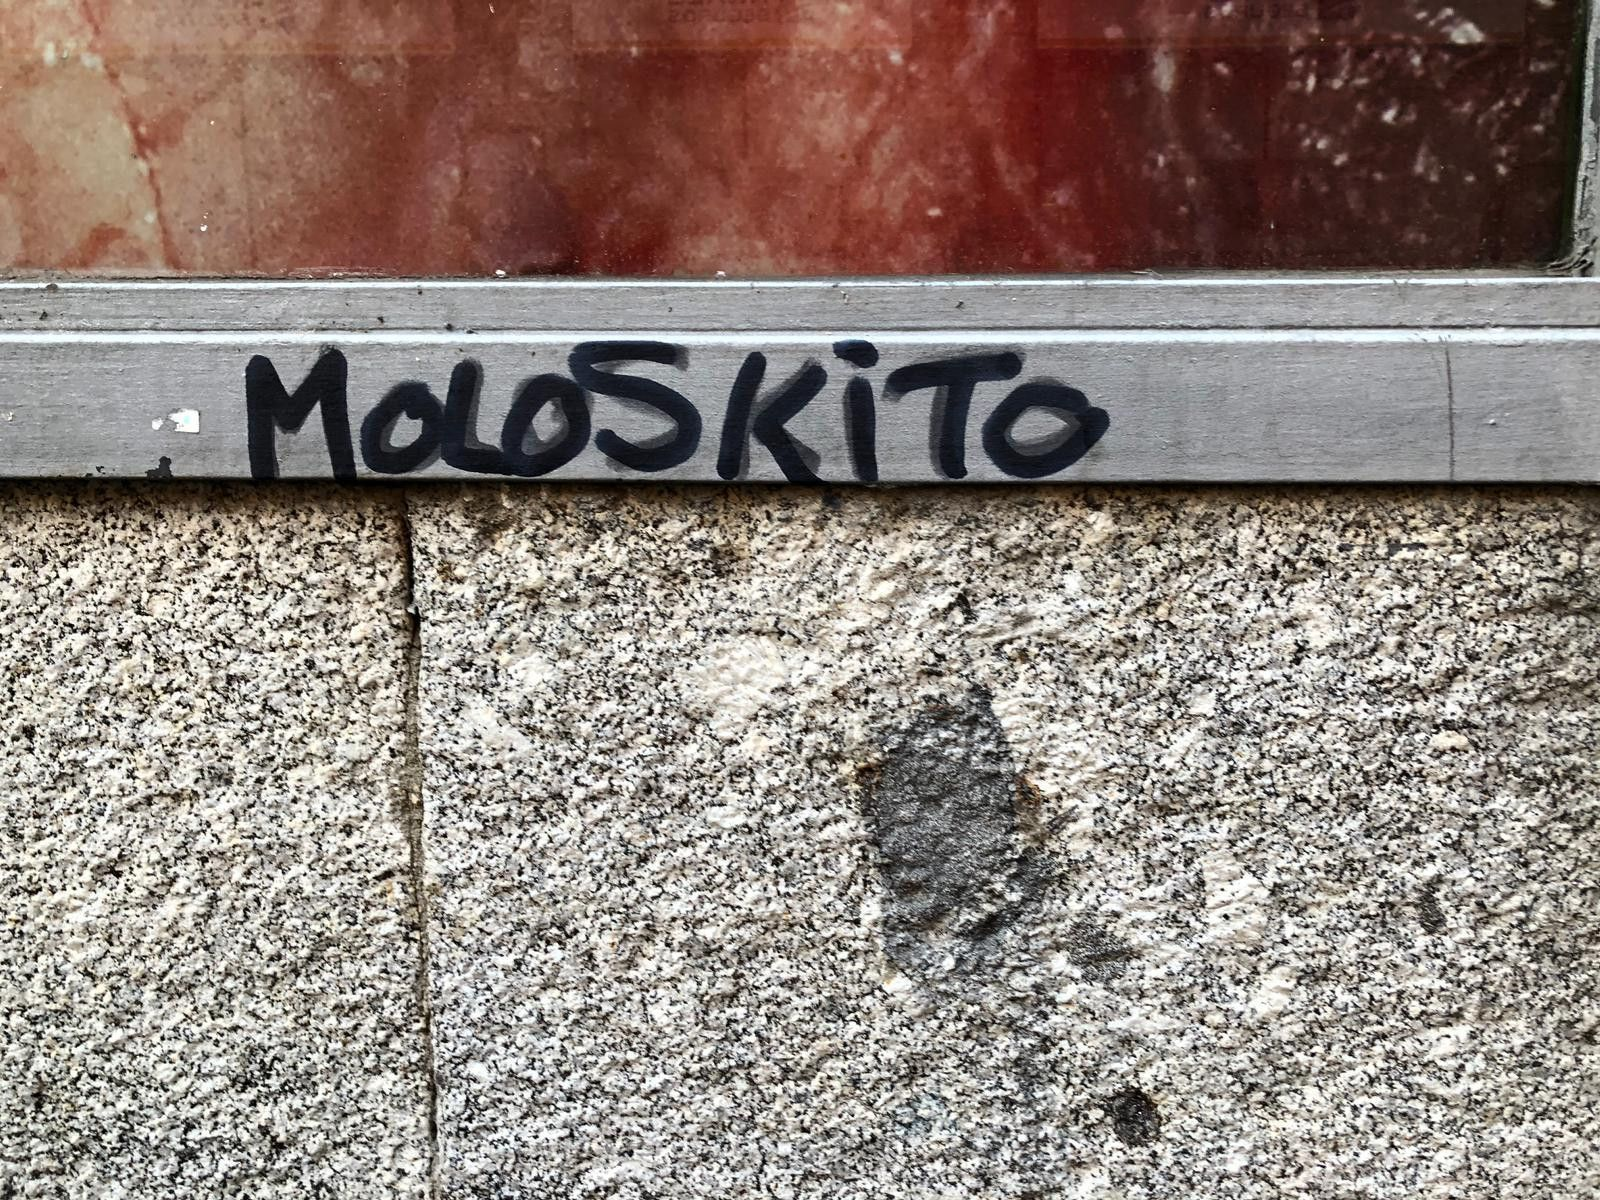 Grafitero moloskito 2